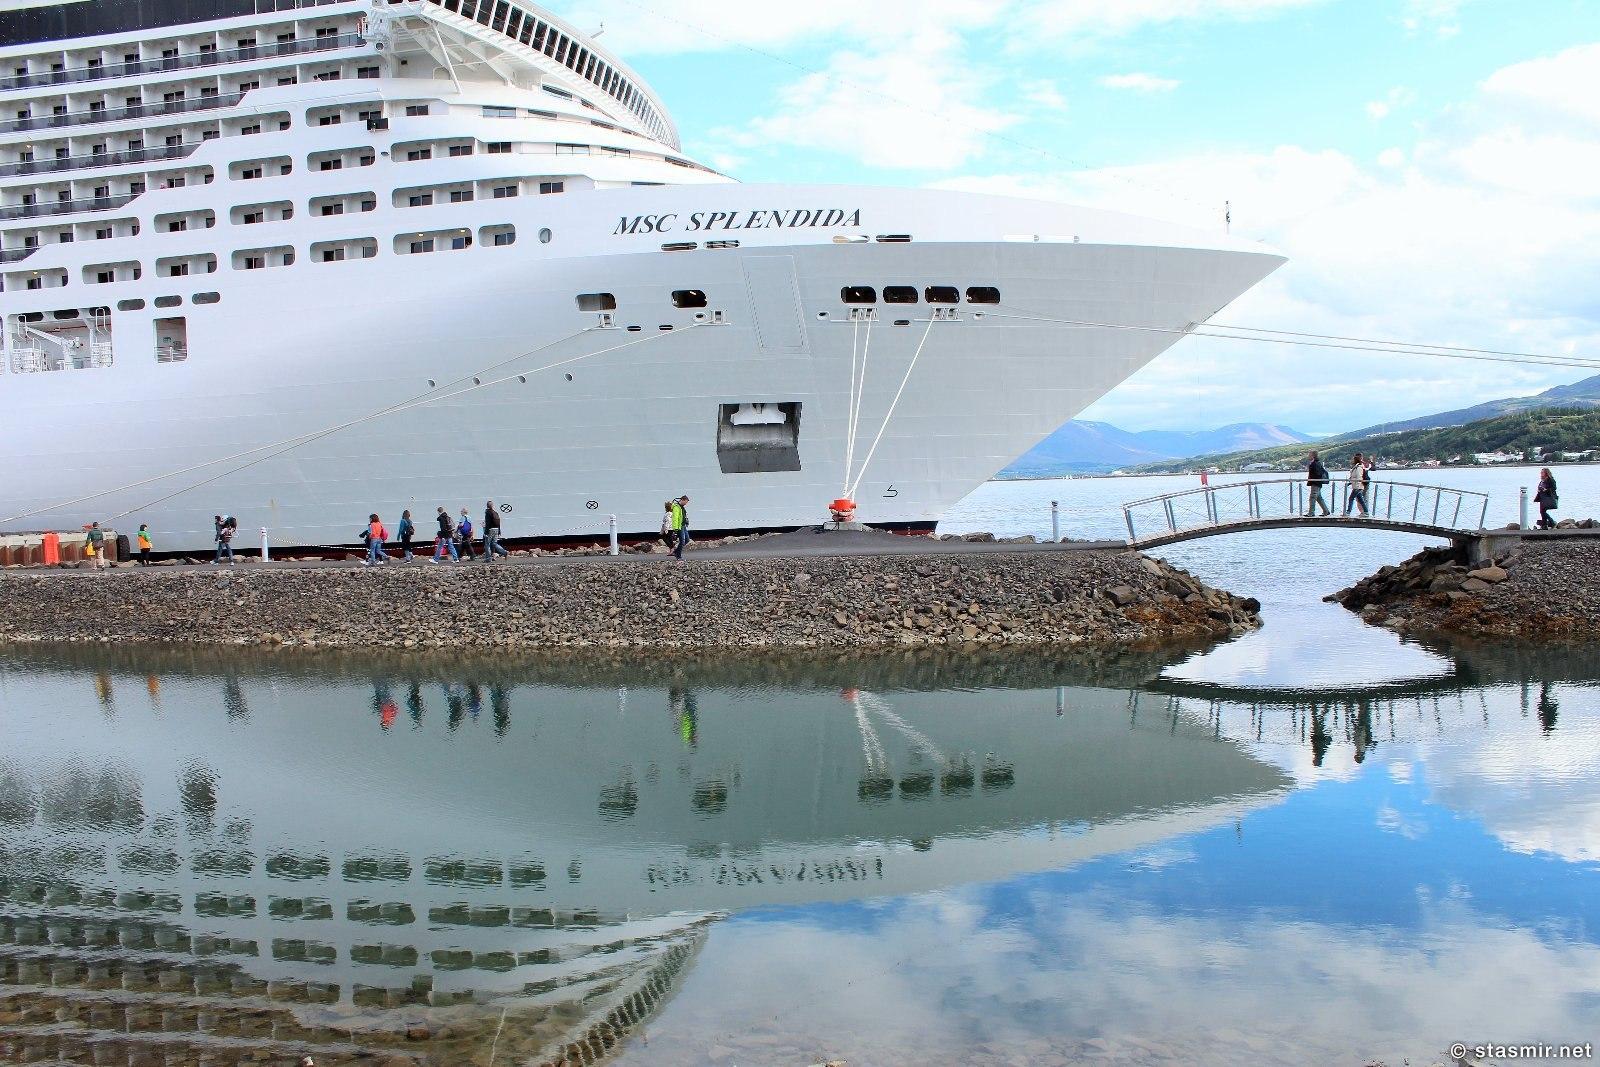 Круизный пароход Splendia в Акюрейри, северной столице Исландии, Акюрейри, круизные пароходы в Исландии, фото Стасмир, Photo Stasmir